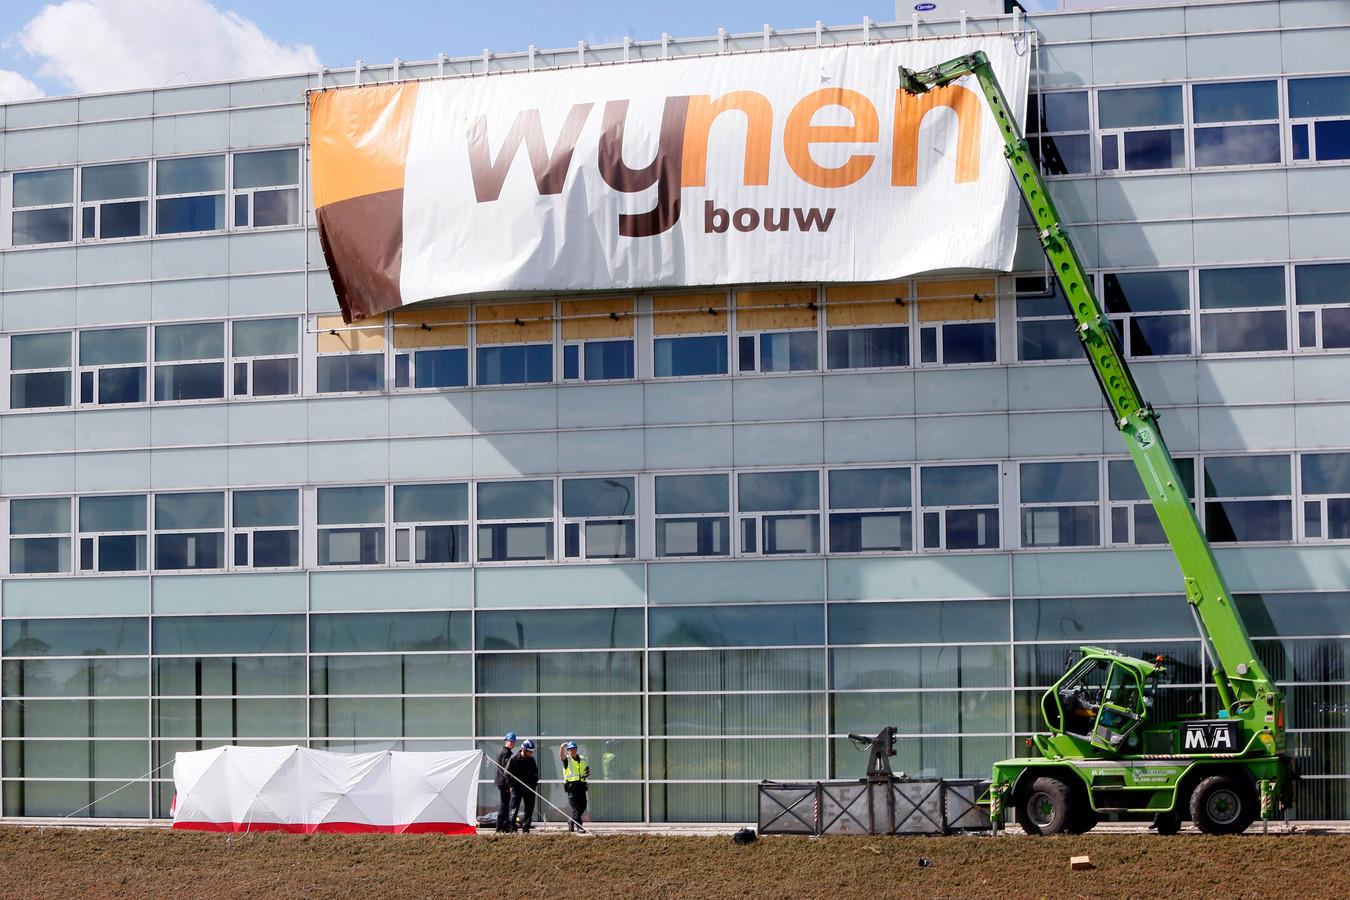 De hoogwerker die werd gebruikt bij de werkzaamheden in Zaltbommel.